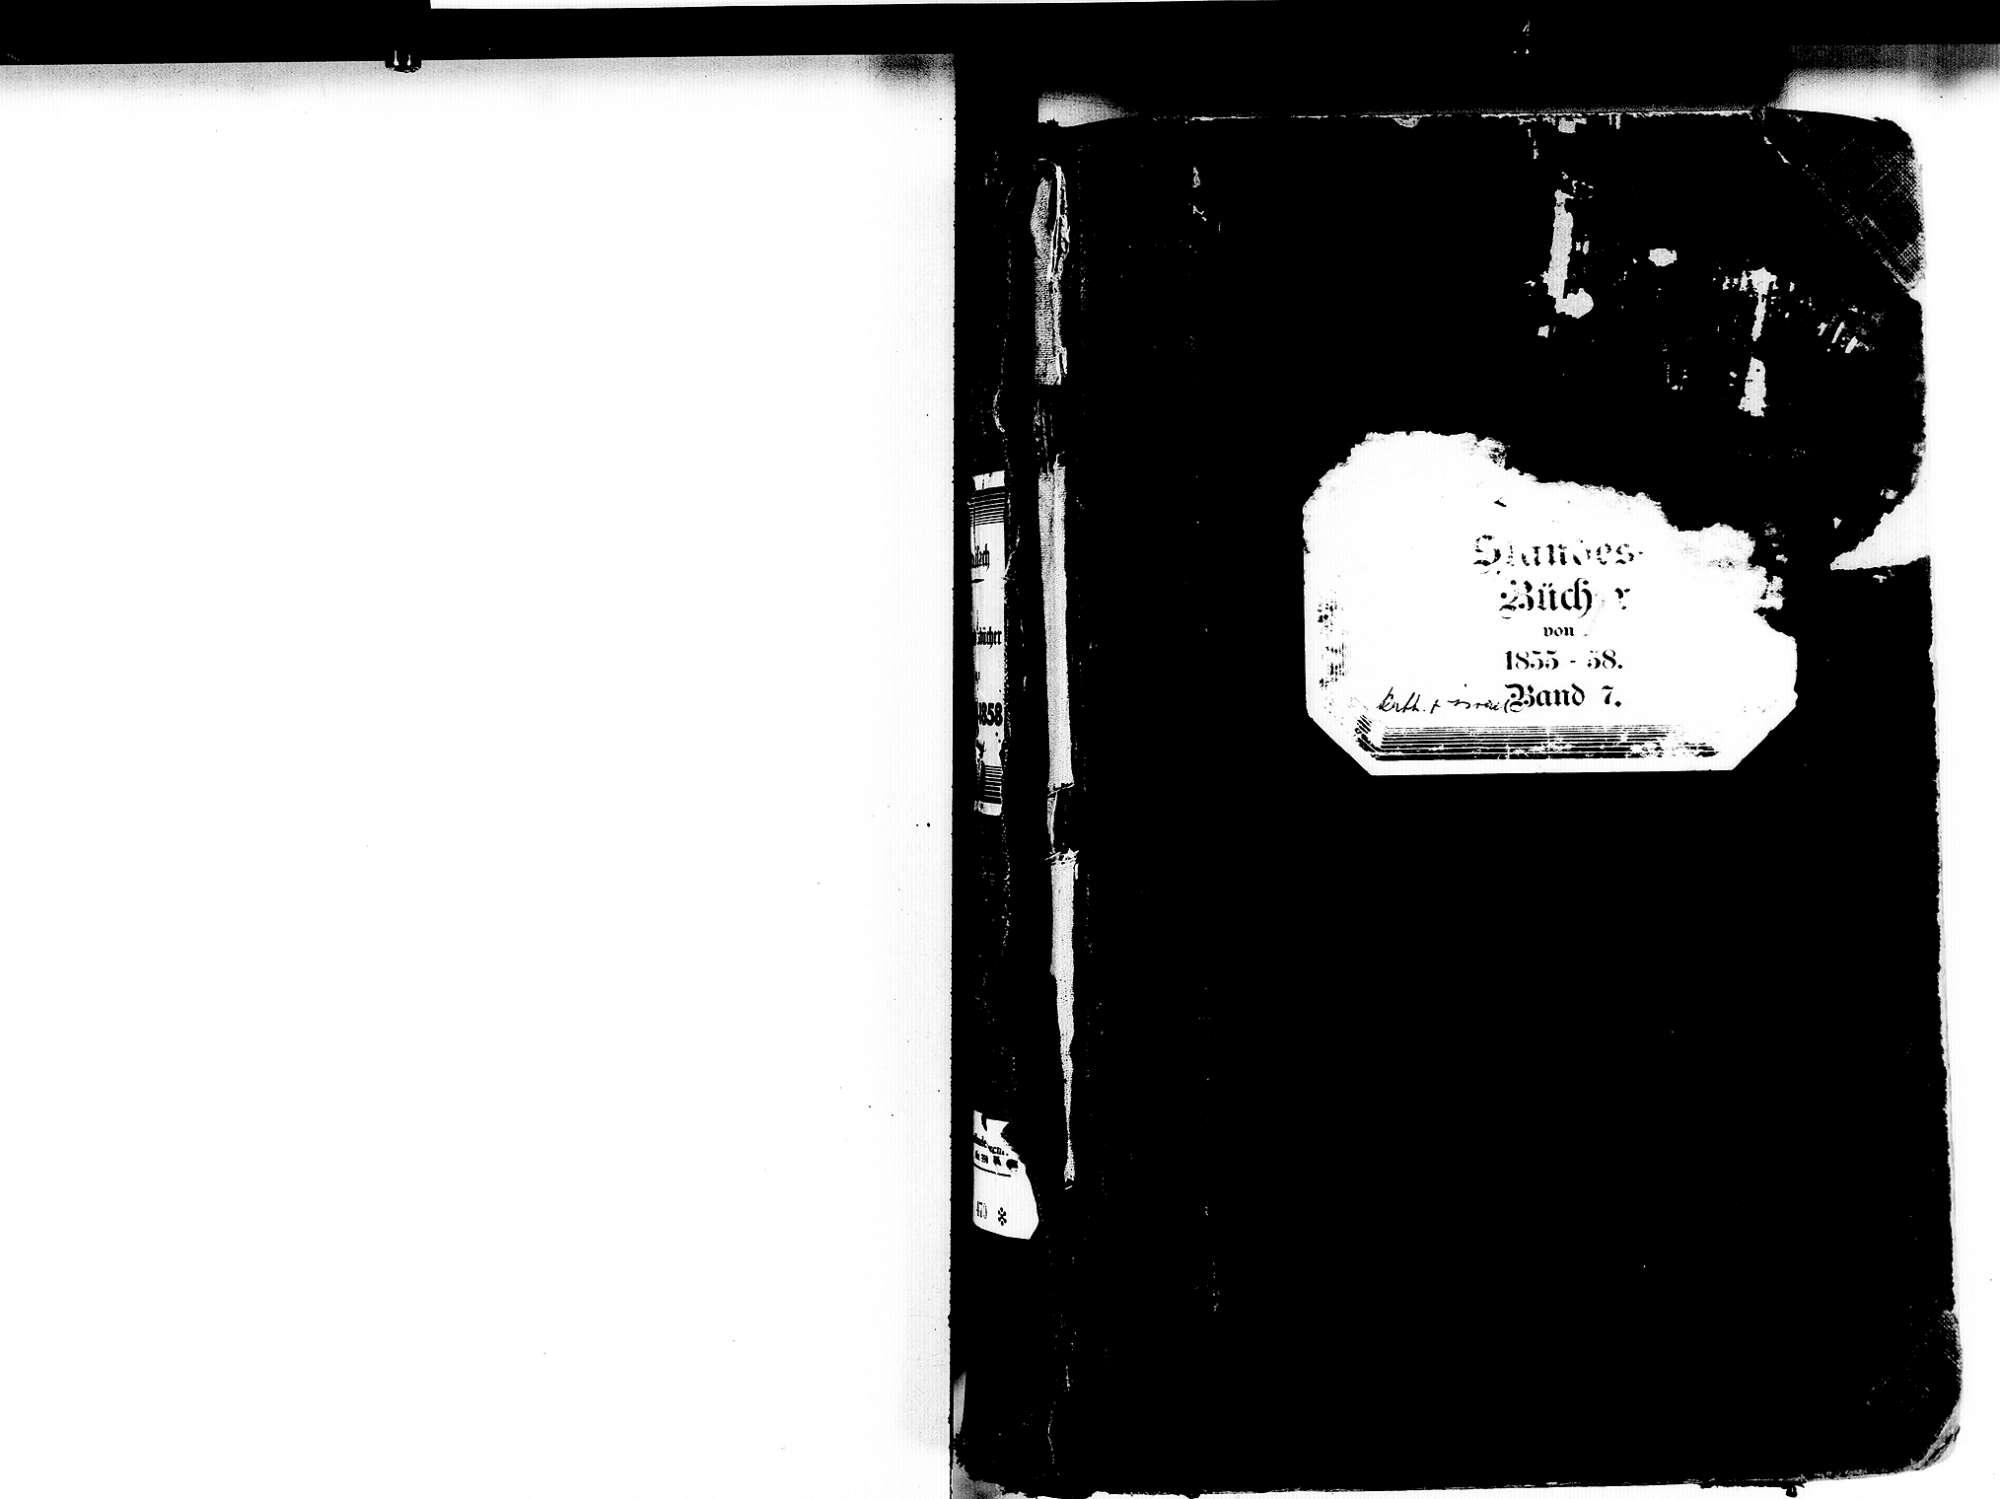 Breisach am Rhein FR; Katholische Gemeinde: Standesbücher 1855-1858 Breisach am Rhein FR; Israelitische Gemeinde: Standesbücher 1855-1858, Bild 2